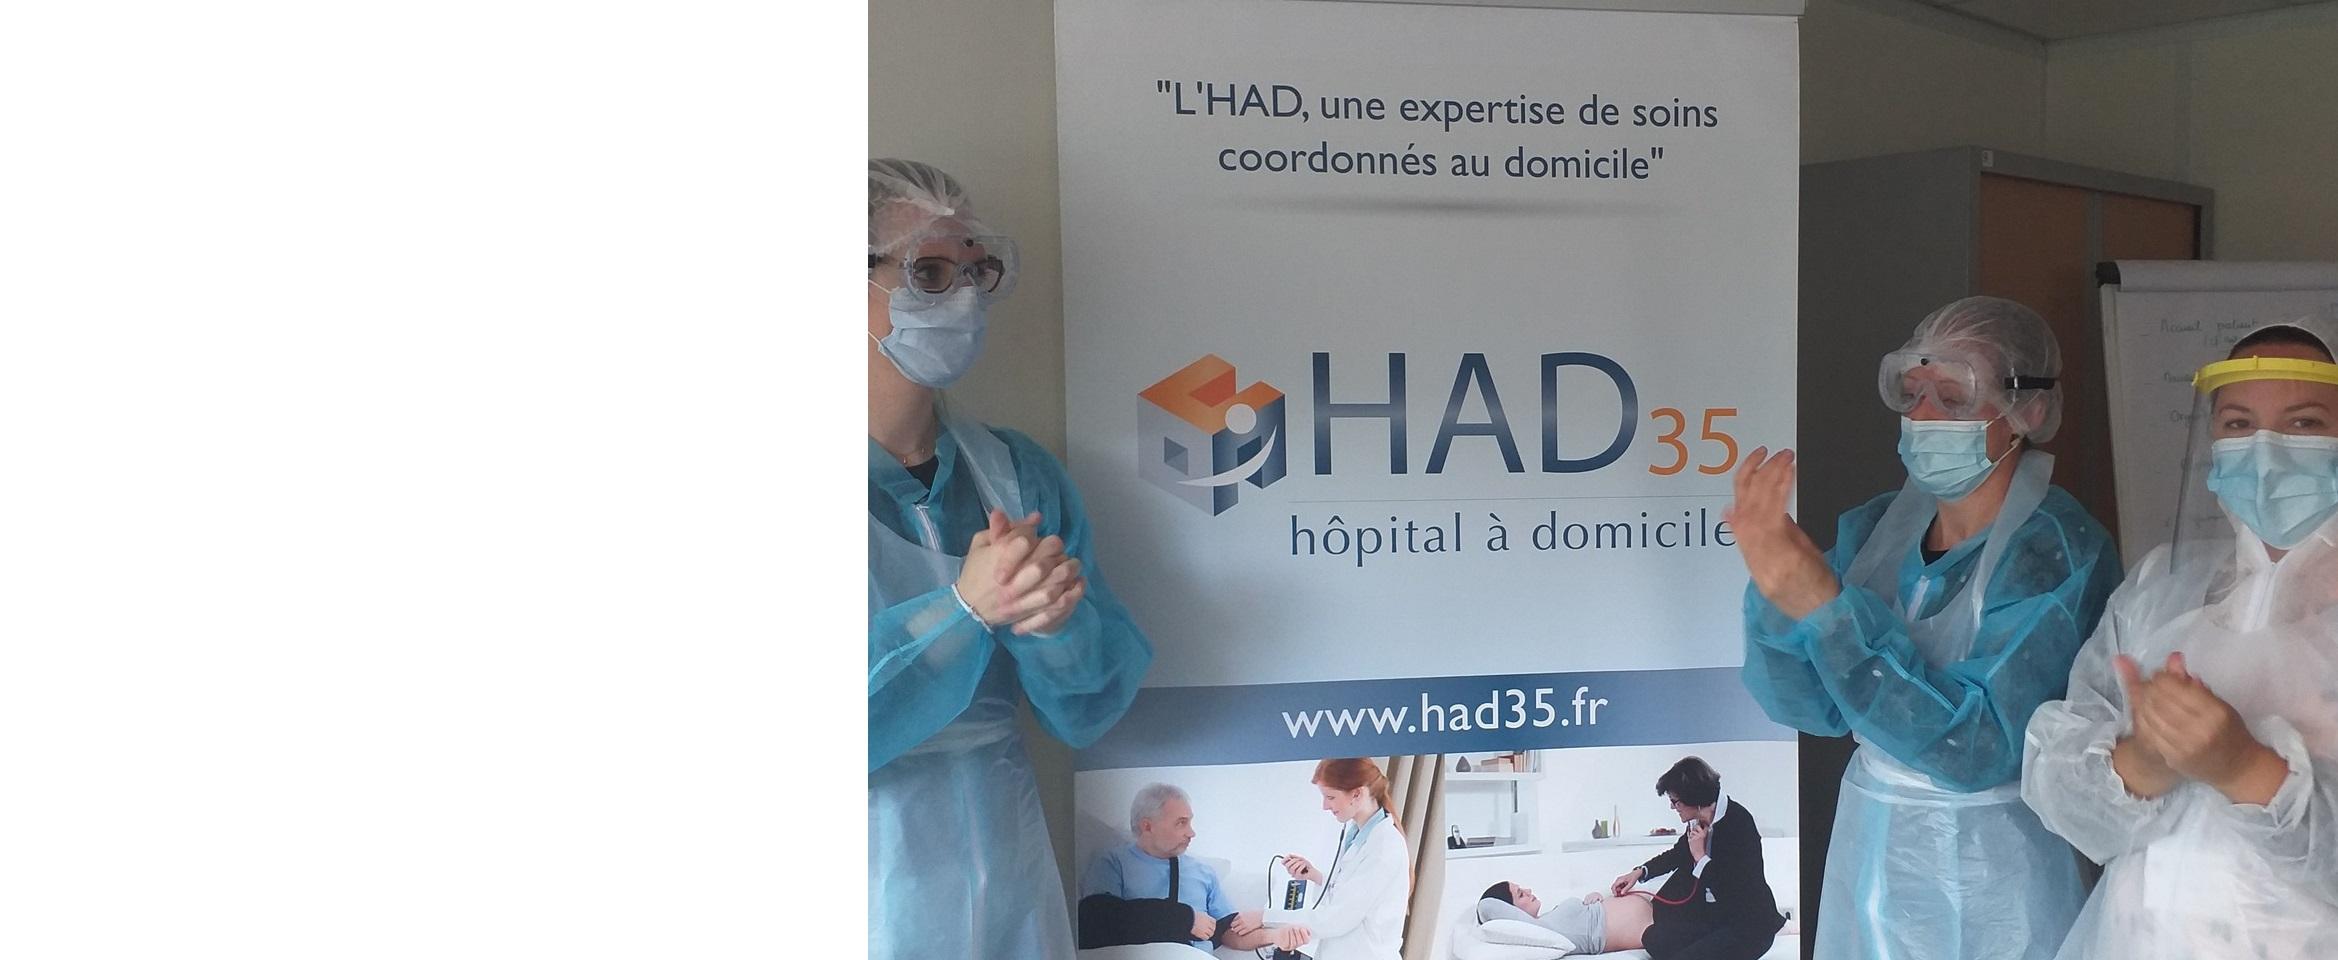 Hôpital à domicile à Rennes (Ille & Vilaine 8) - HAD 8